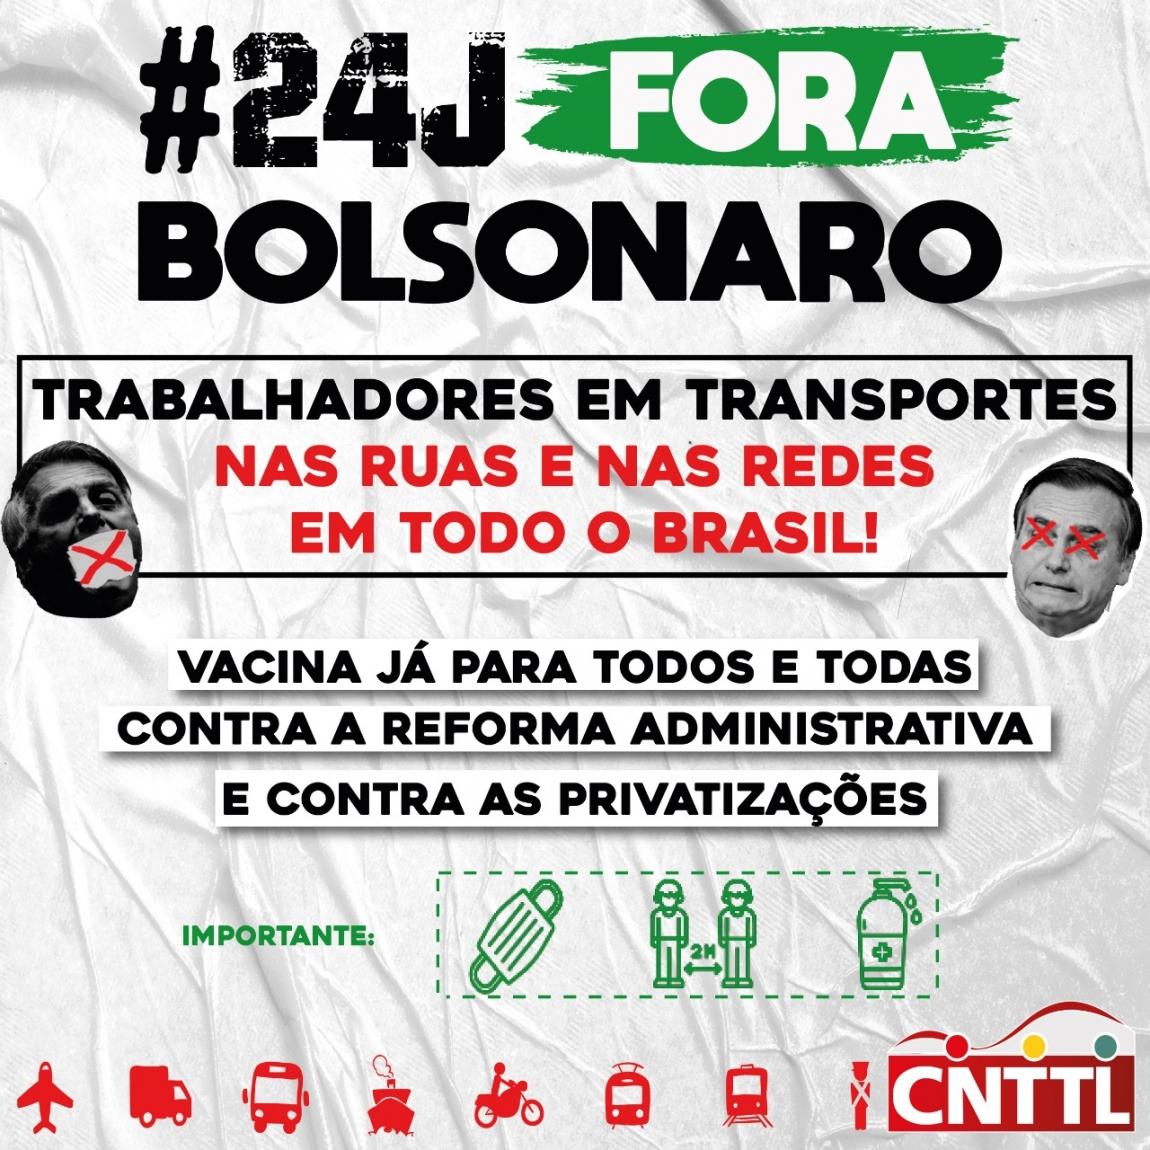 Imagem de #24J: Trabalhadores em transportes da CNTTL participarão do Fora Bolsonaro